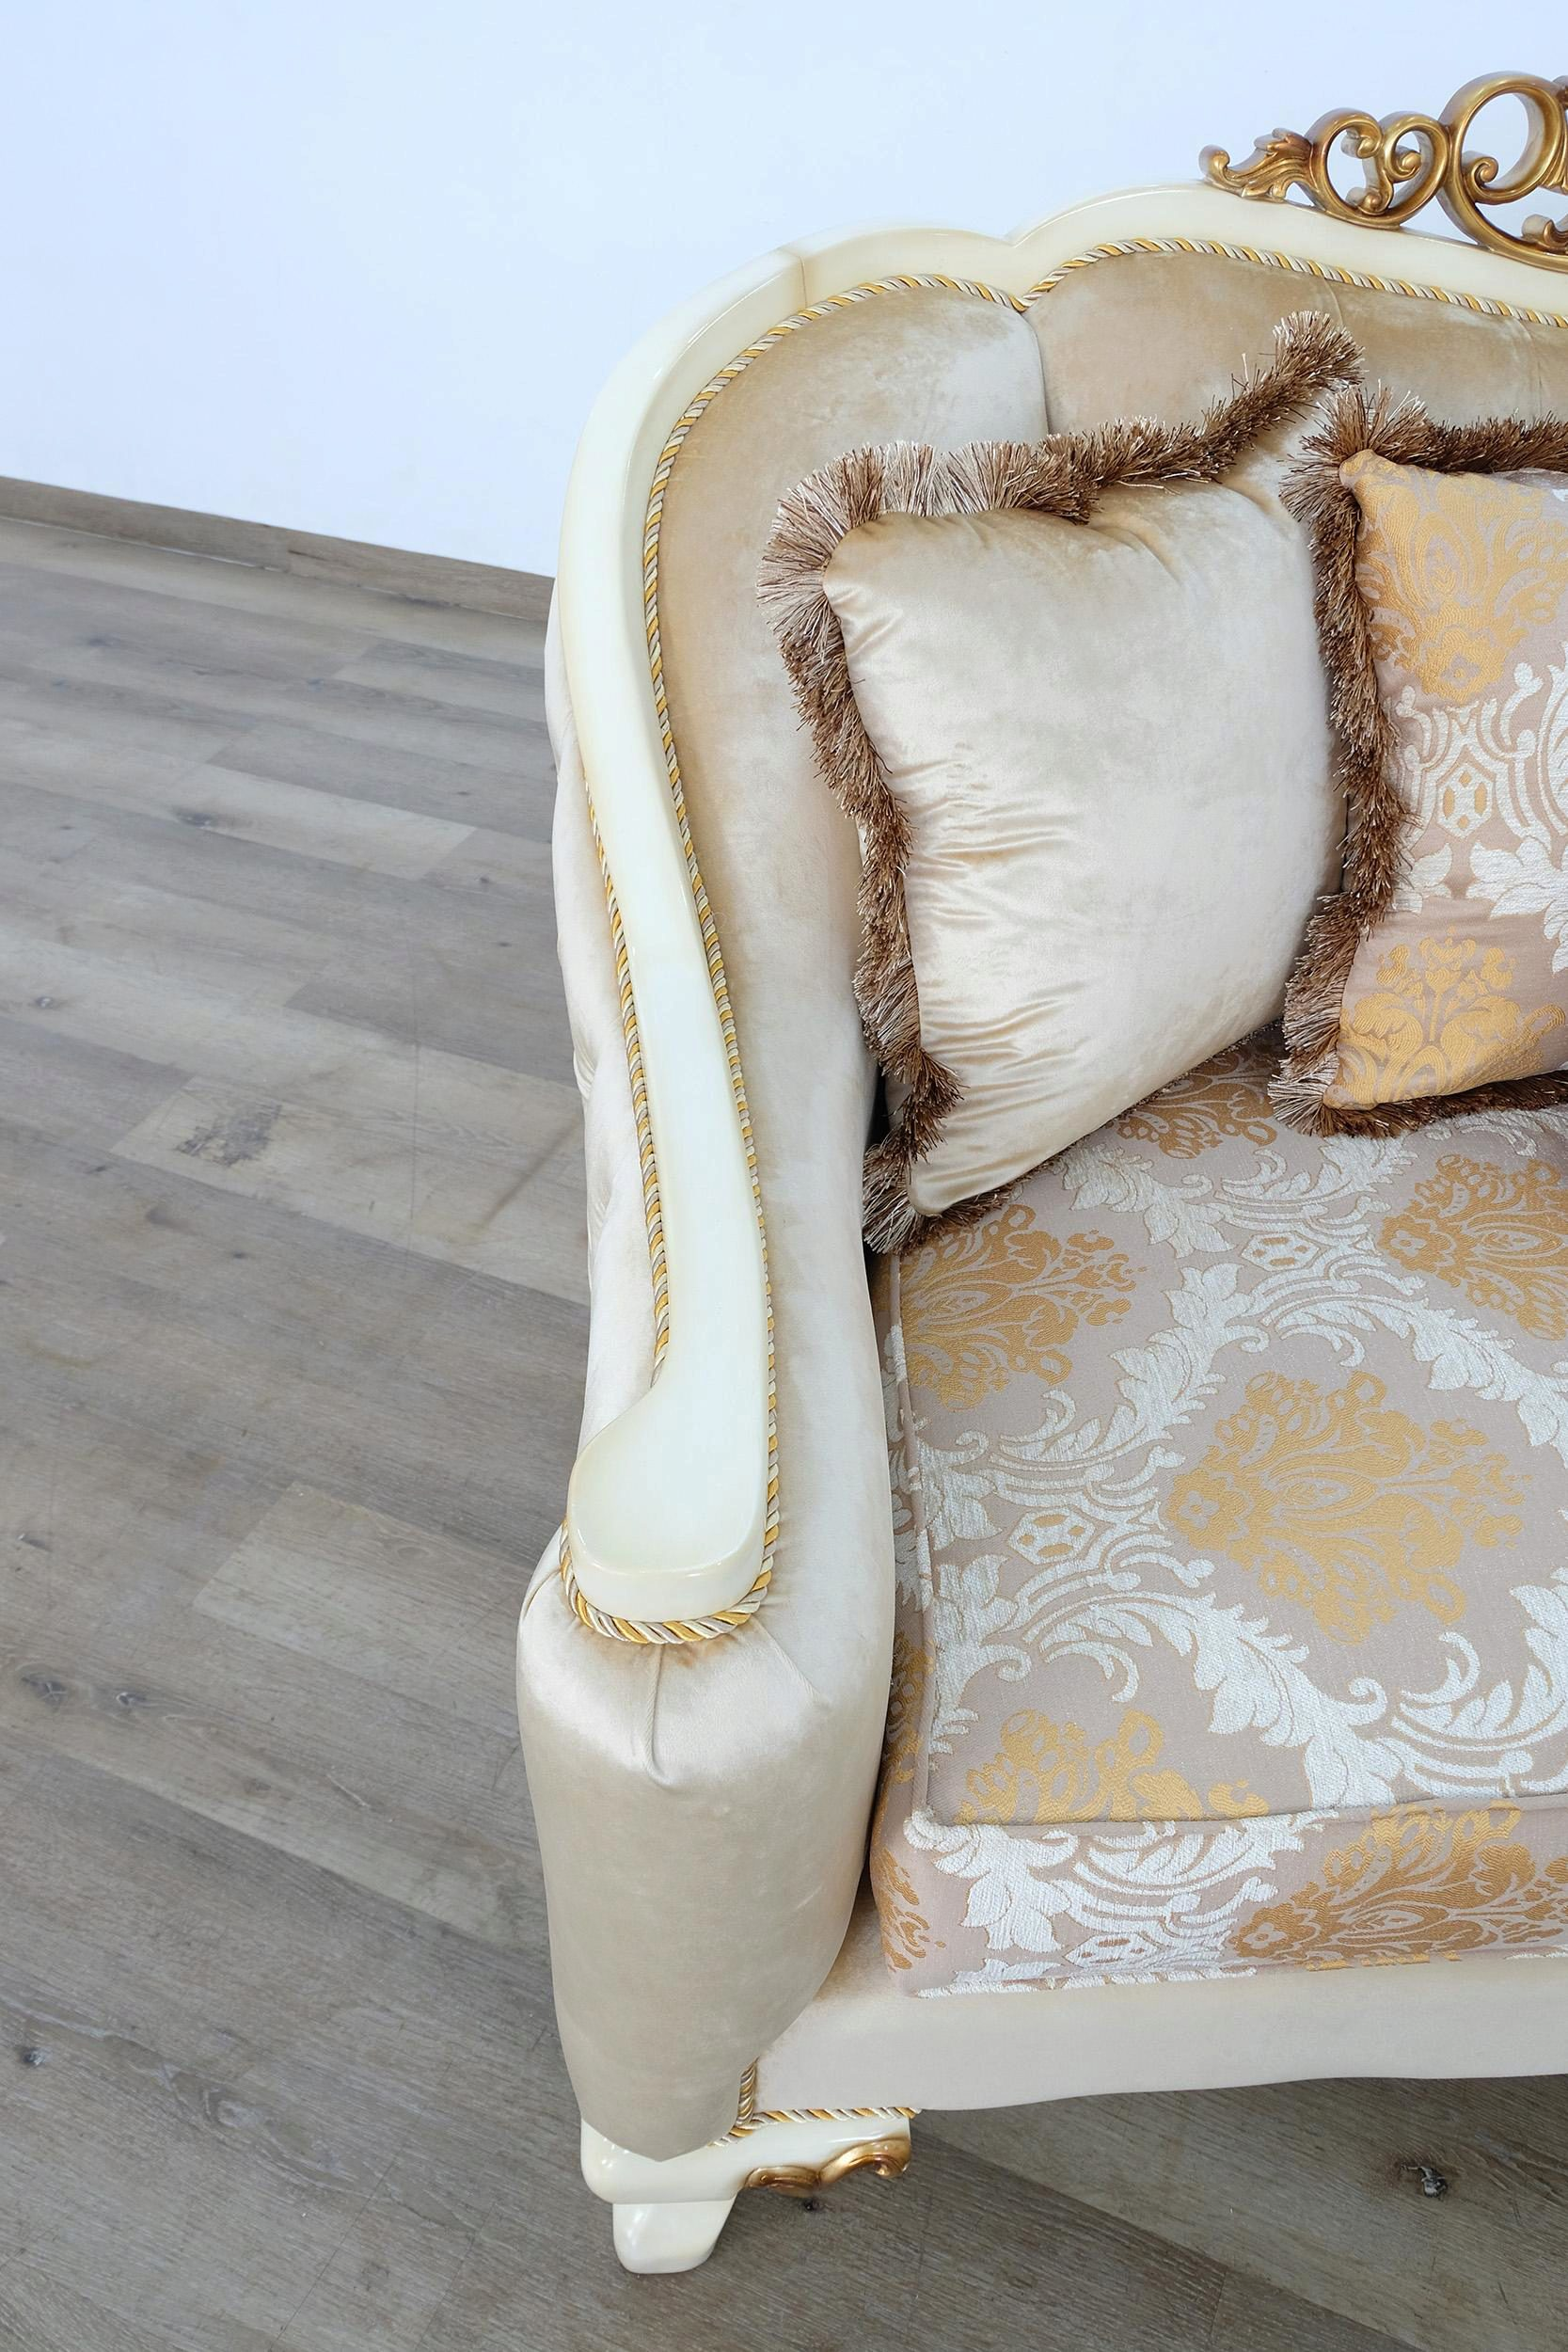 Luxury Beige Antique Dark Gold Wood Trim Angelica Sofa Set 4 European Furniture 45352 S Set 4